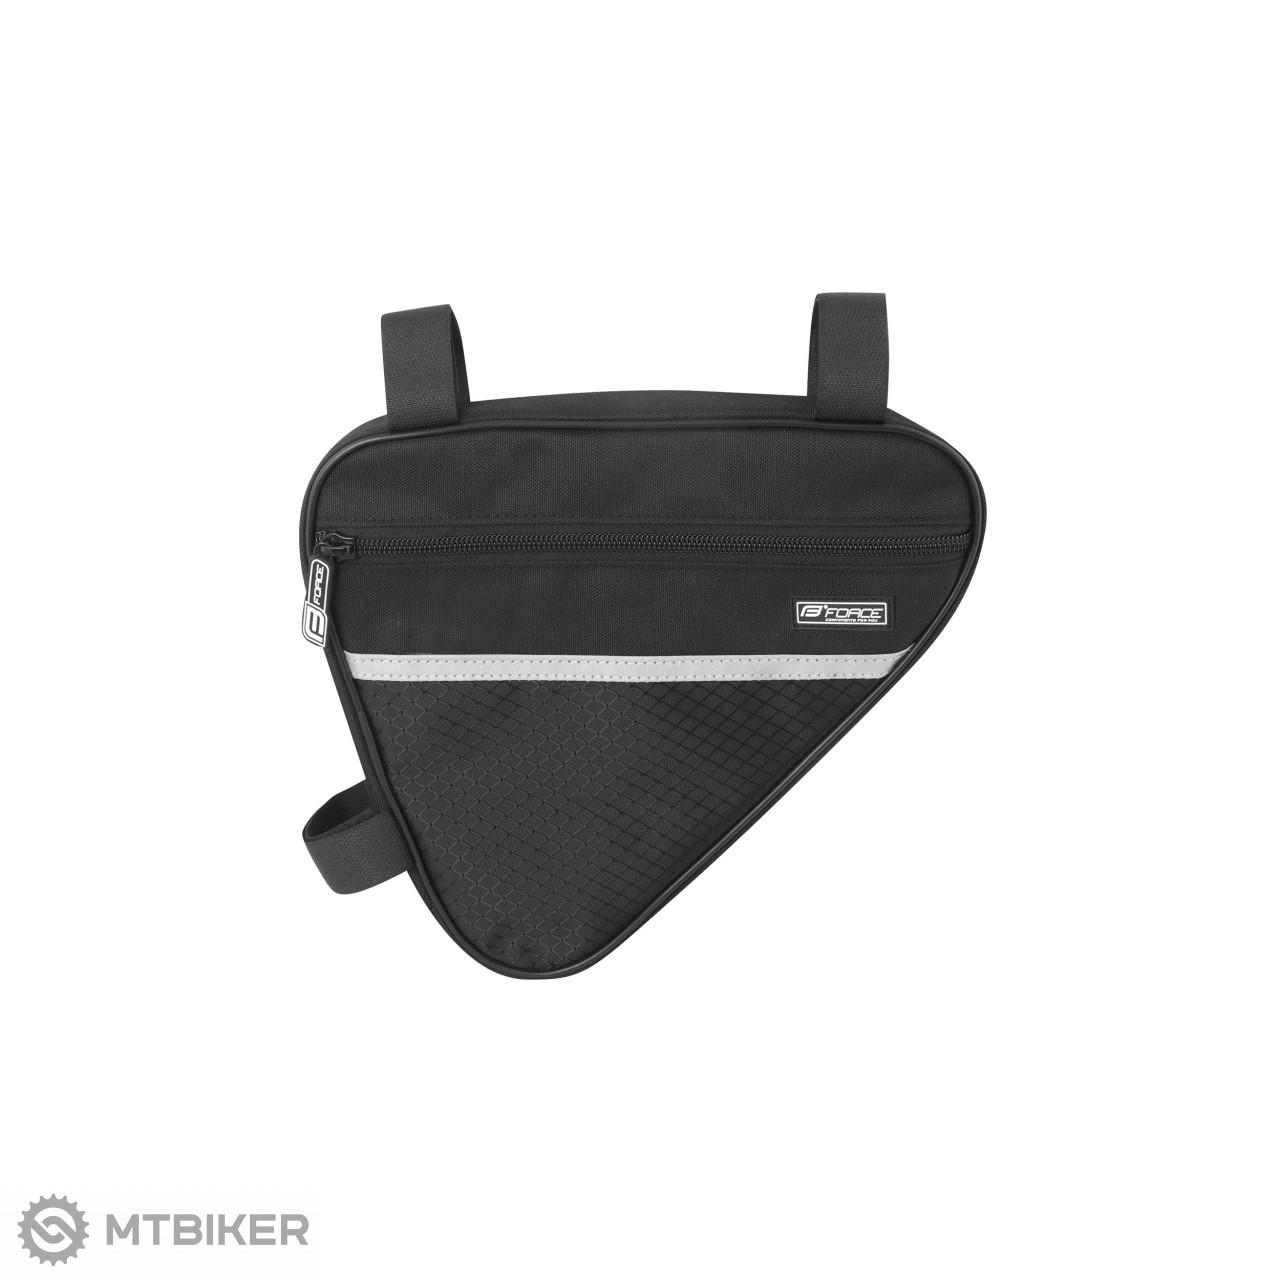 43f1aebf4b90 Príslušenstvo » Brašne a obaly » Brašne a tašky od Ghost - MTBIKER Shop